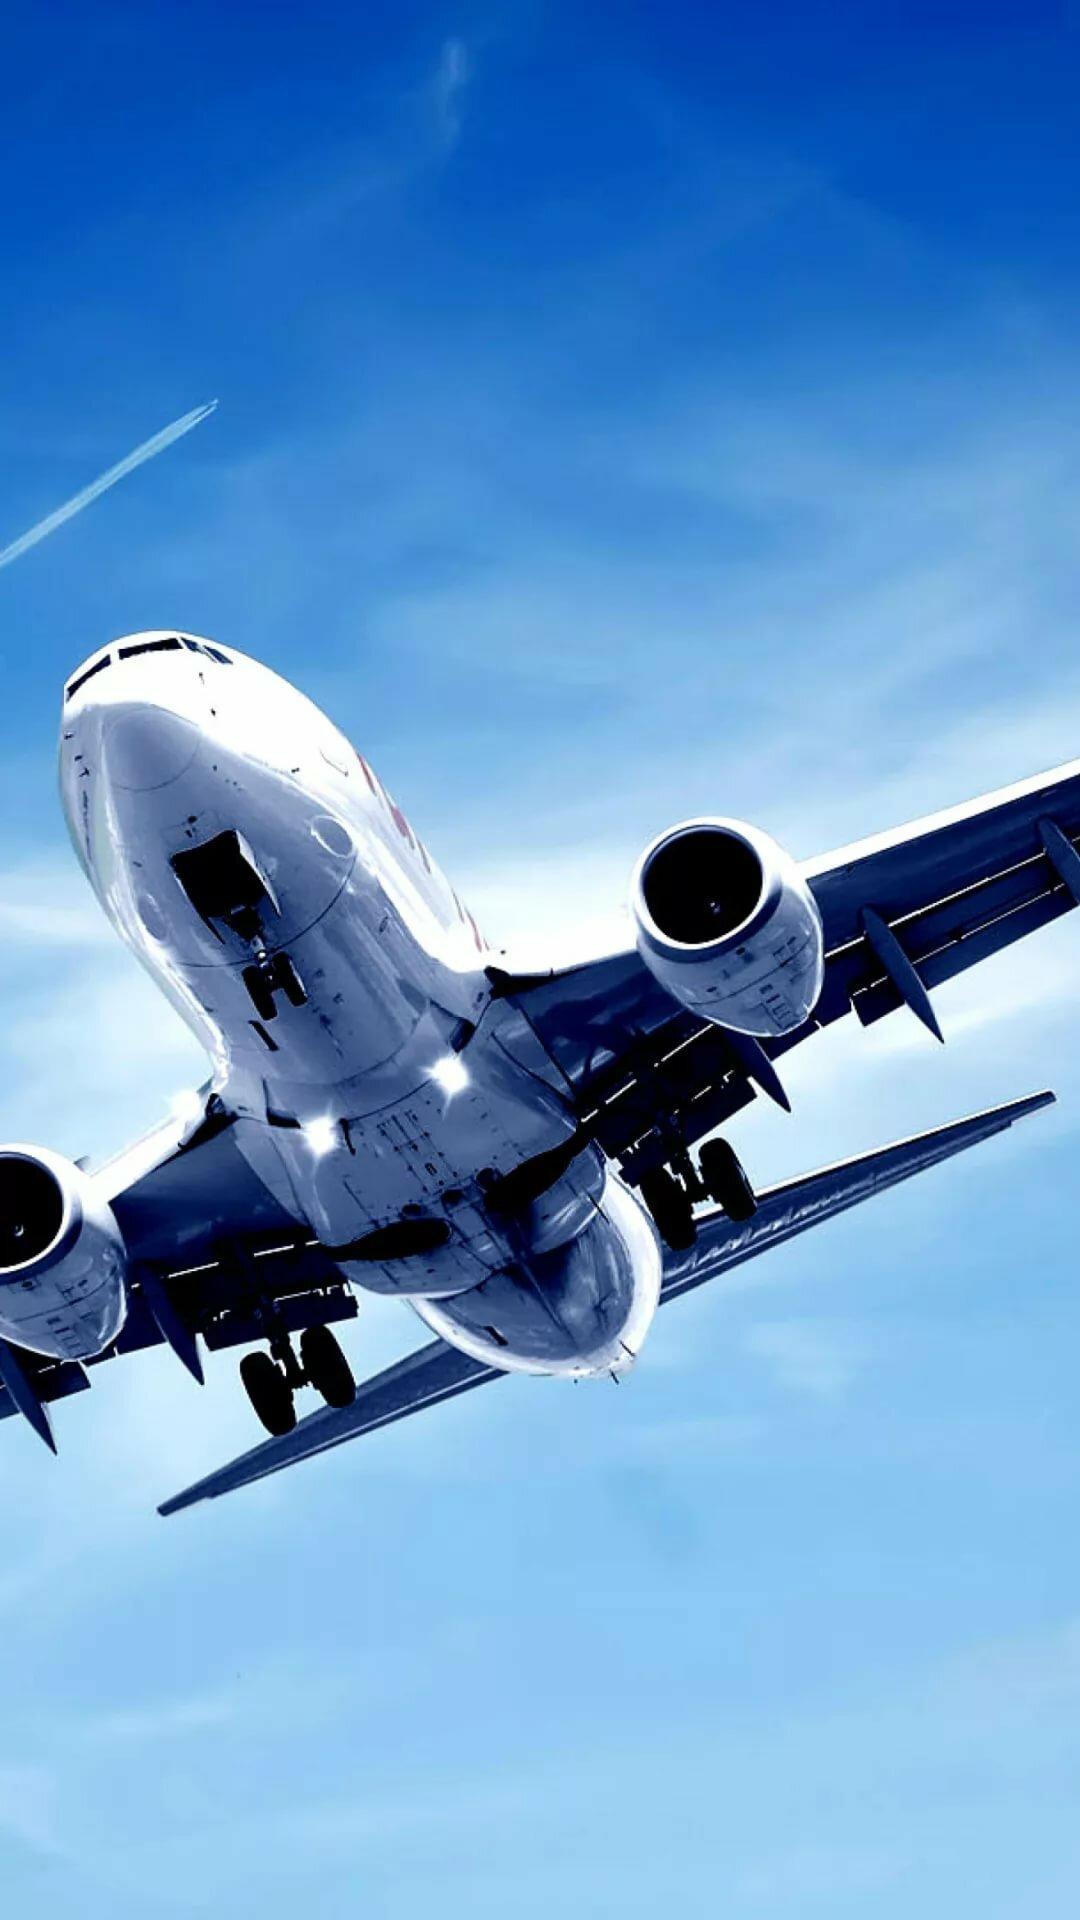 картинки самолетов на айфон нашему